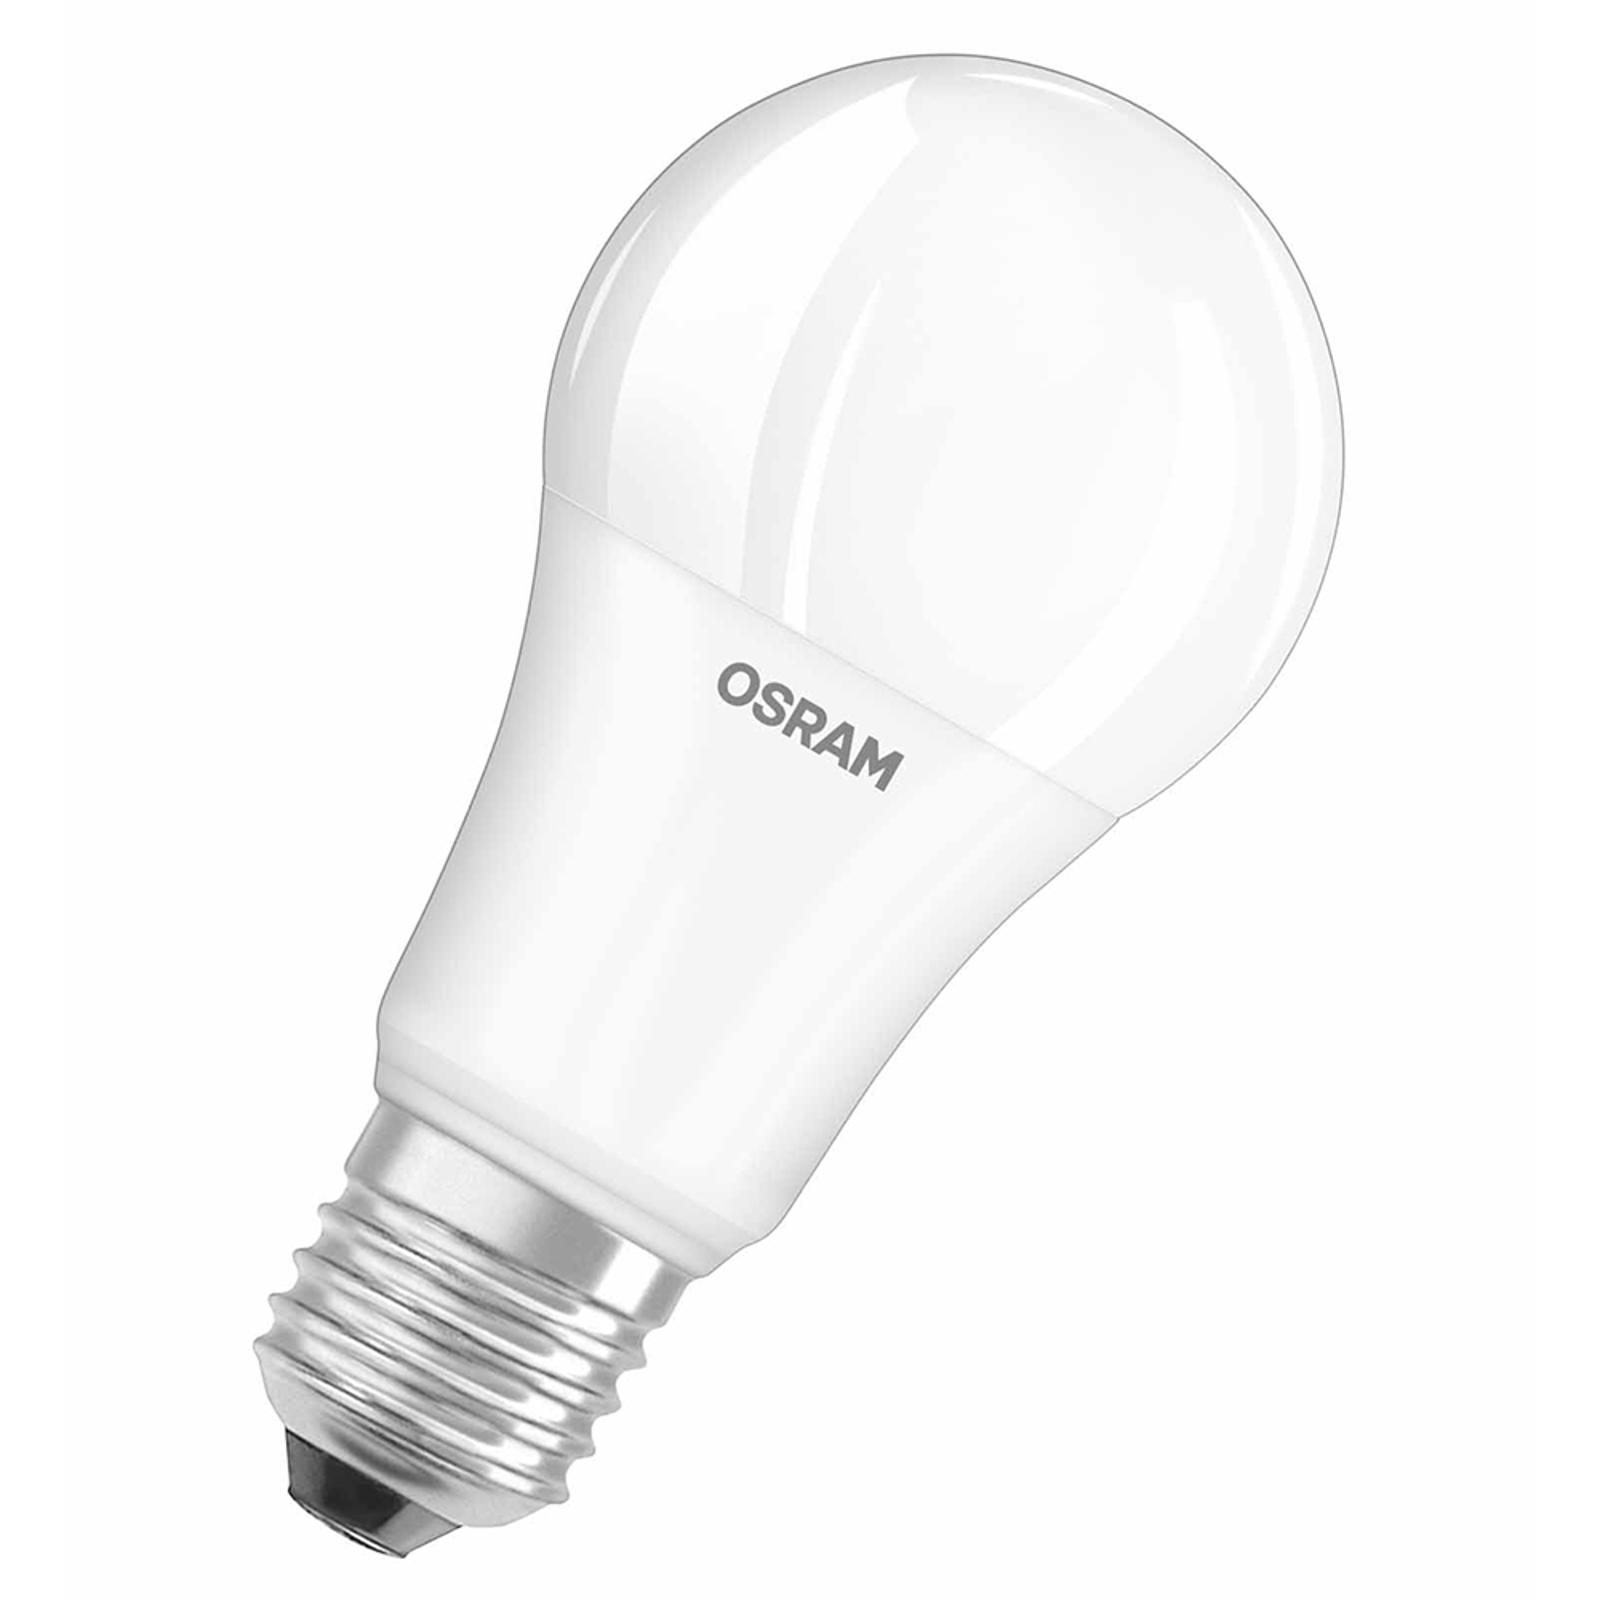 OSRAM żarówka LED E27 13W 827 Superstar ściemniana